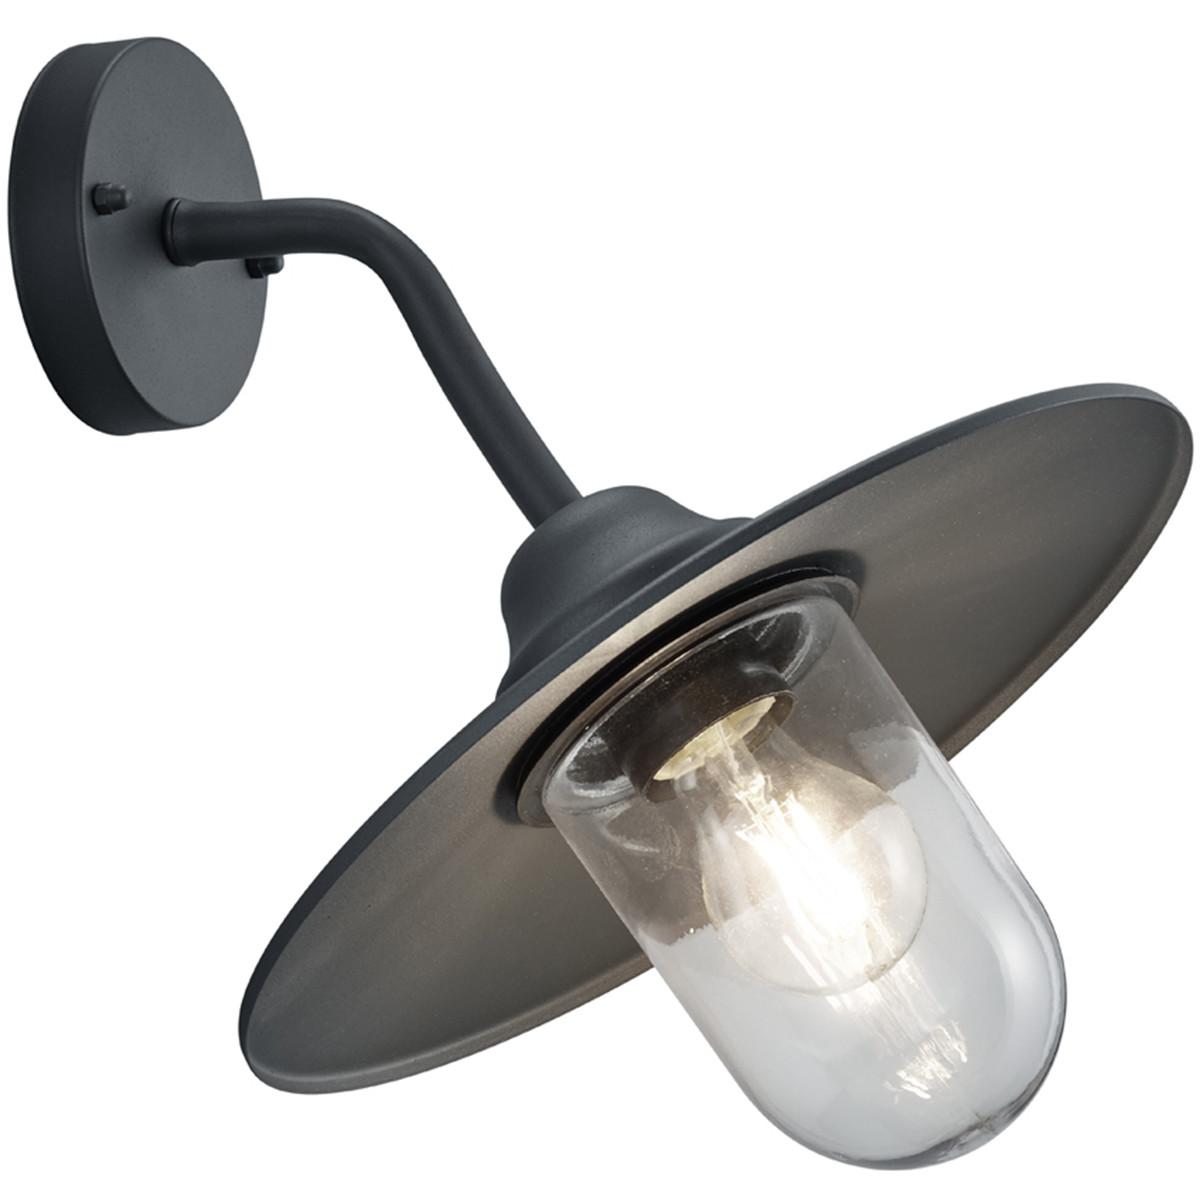 LED Tuinverlichting Tuinlamp Trion Brenionty Wand E27 Fitting Mat Zwart Aluminium